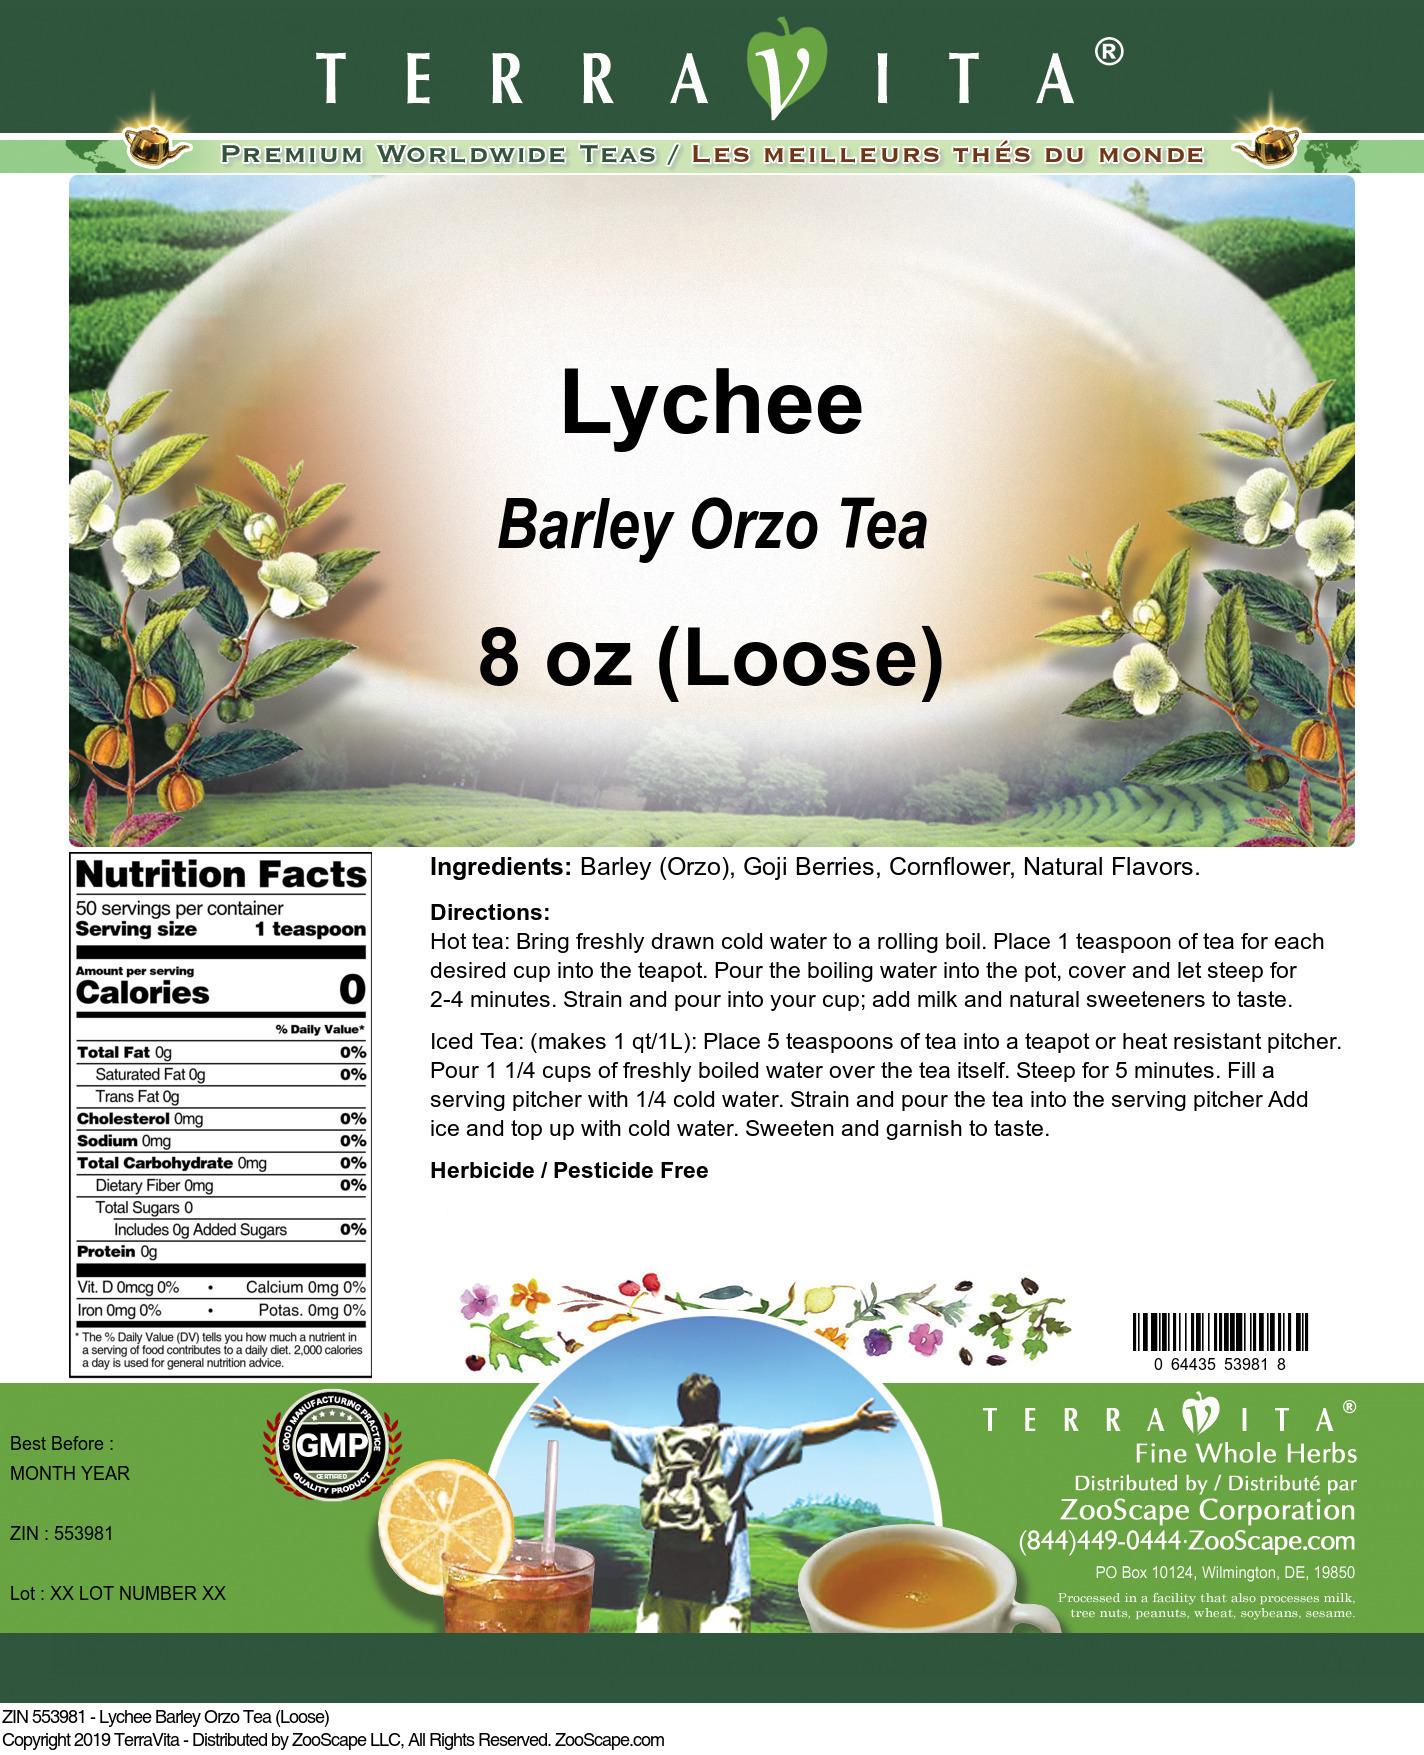 Lychee Barley Orzo Tea (Loose)